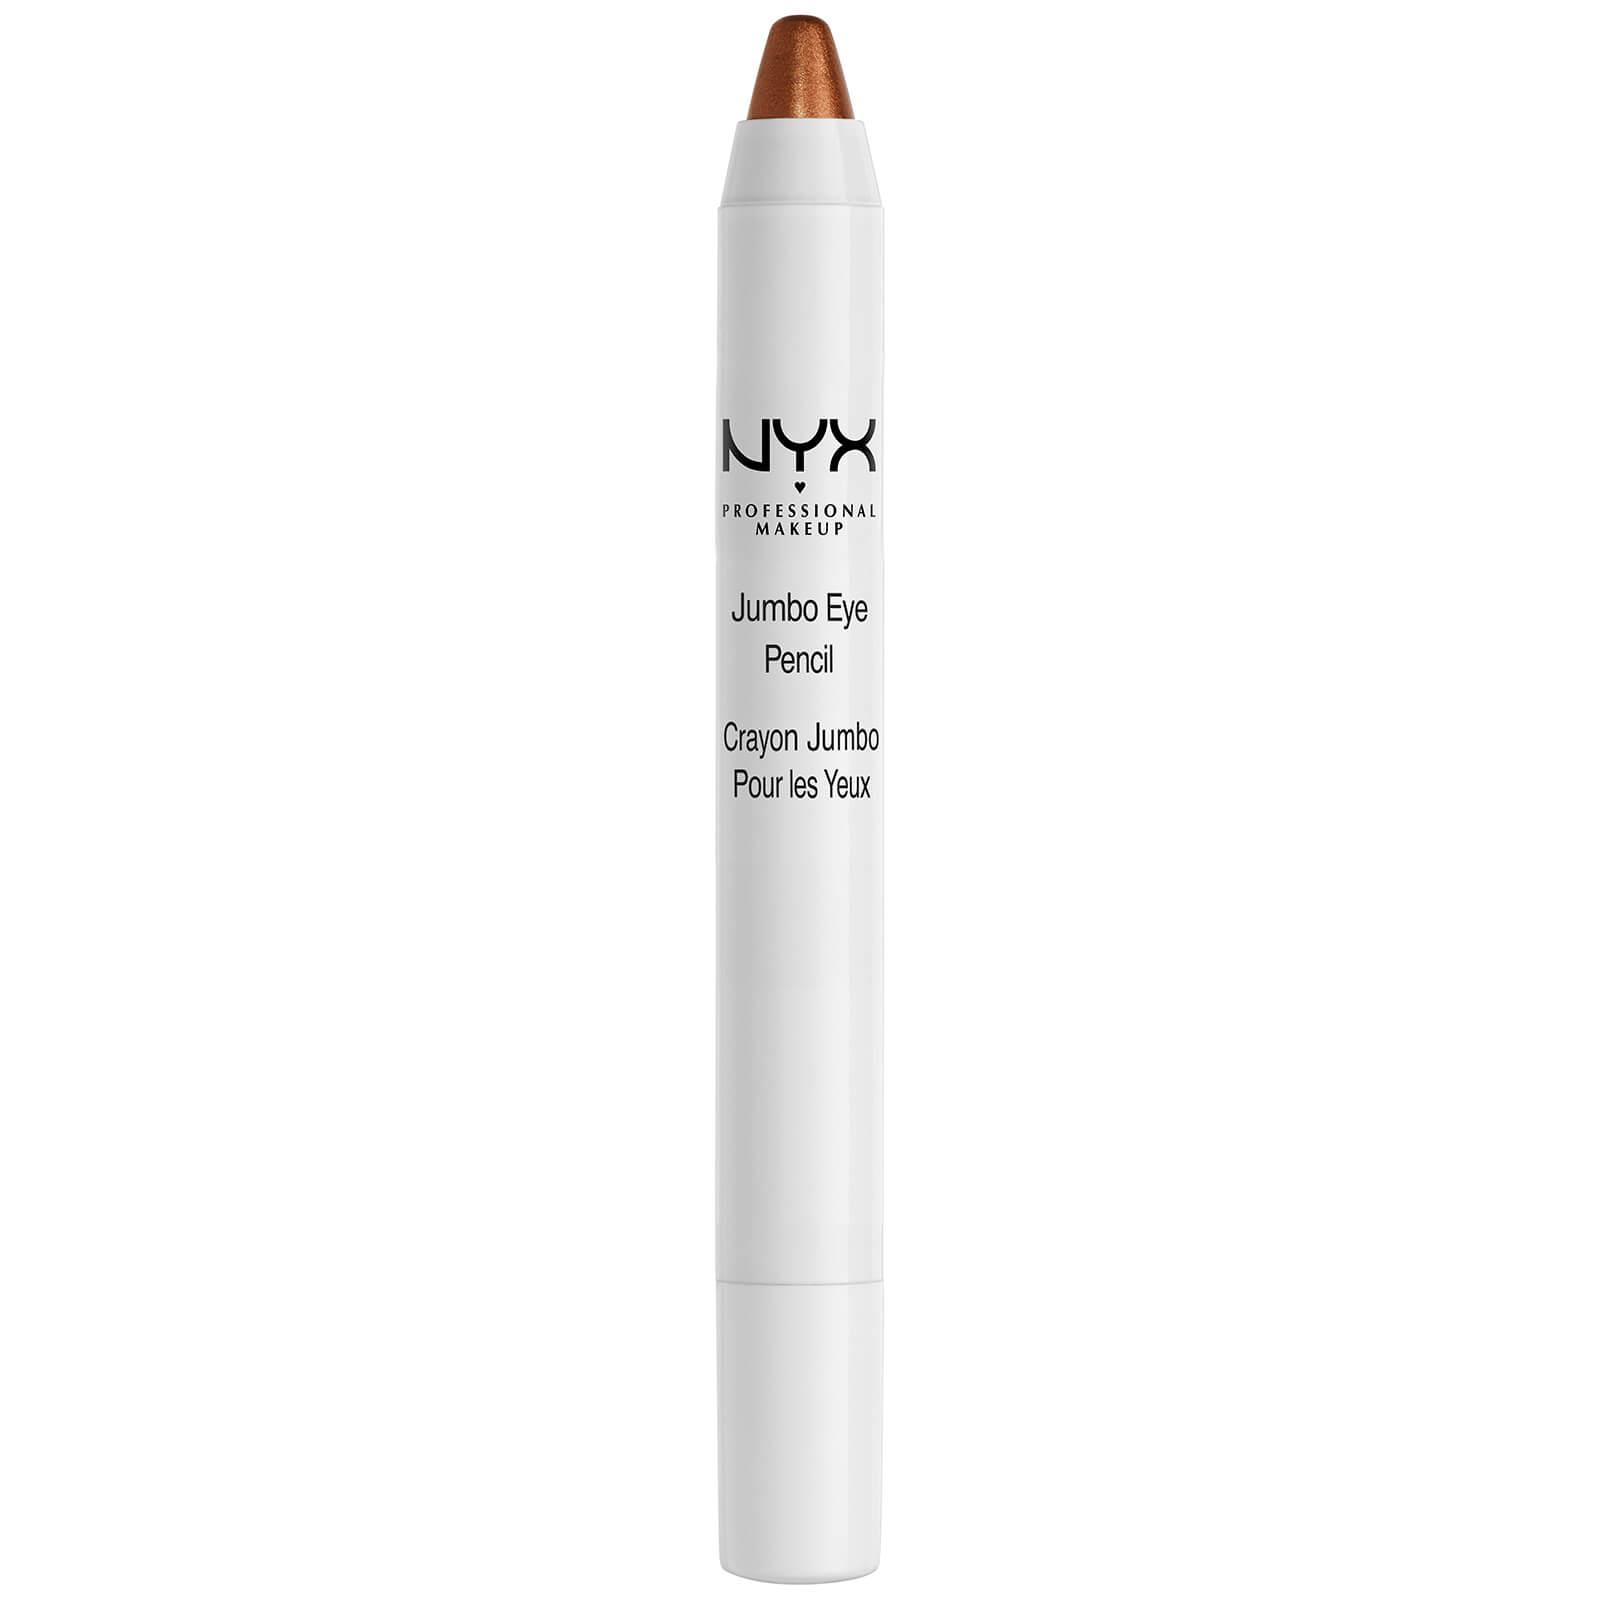 Купить Карандаш для глаз NYX Professional Makeup Jumbo Eye Pencil (различные оттенки) - French Fries